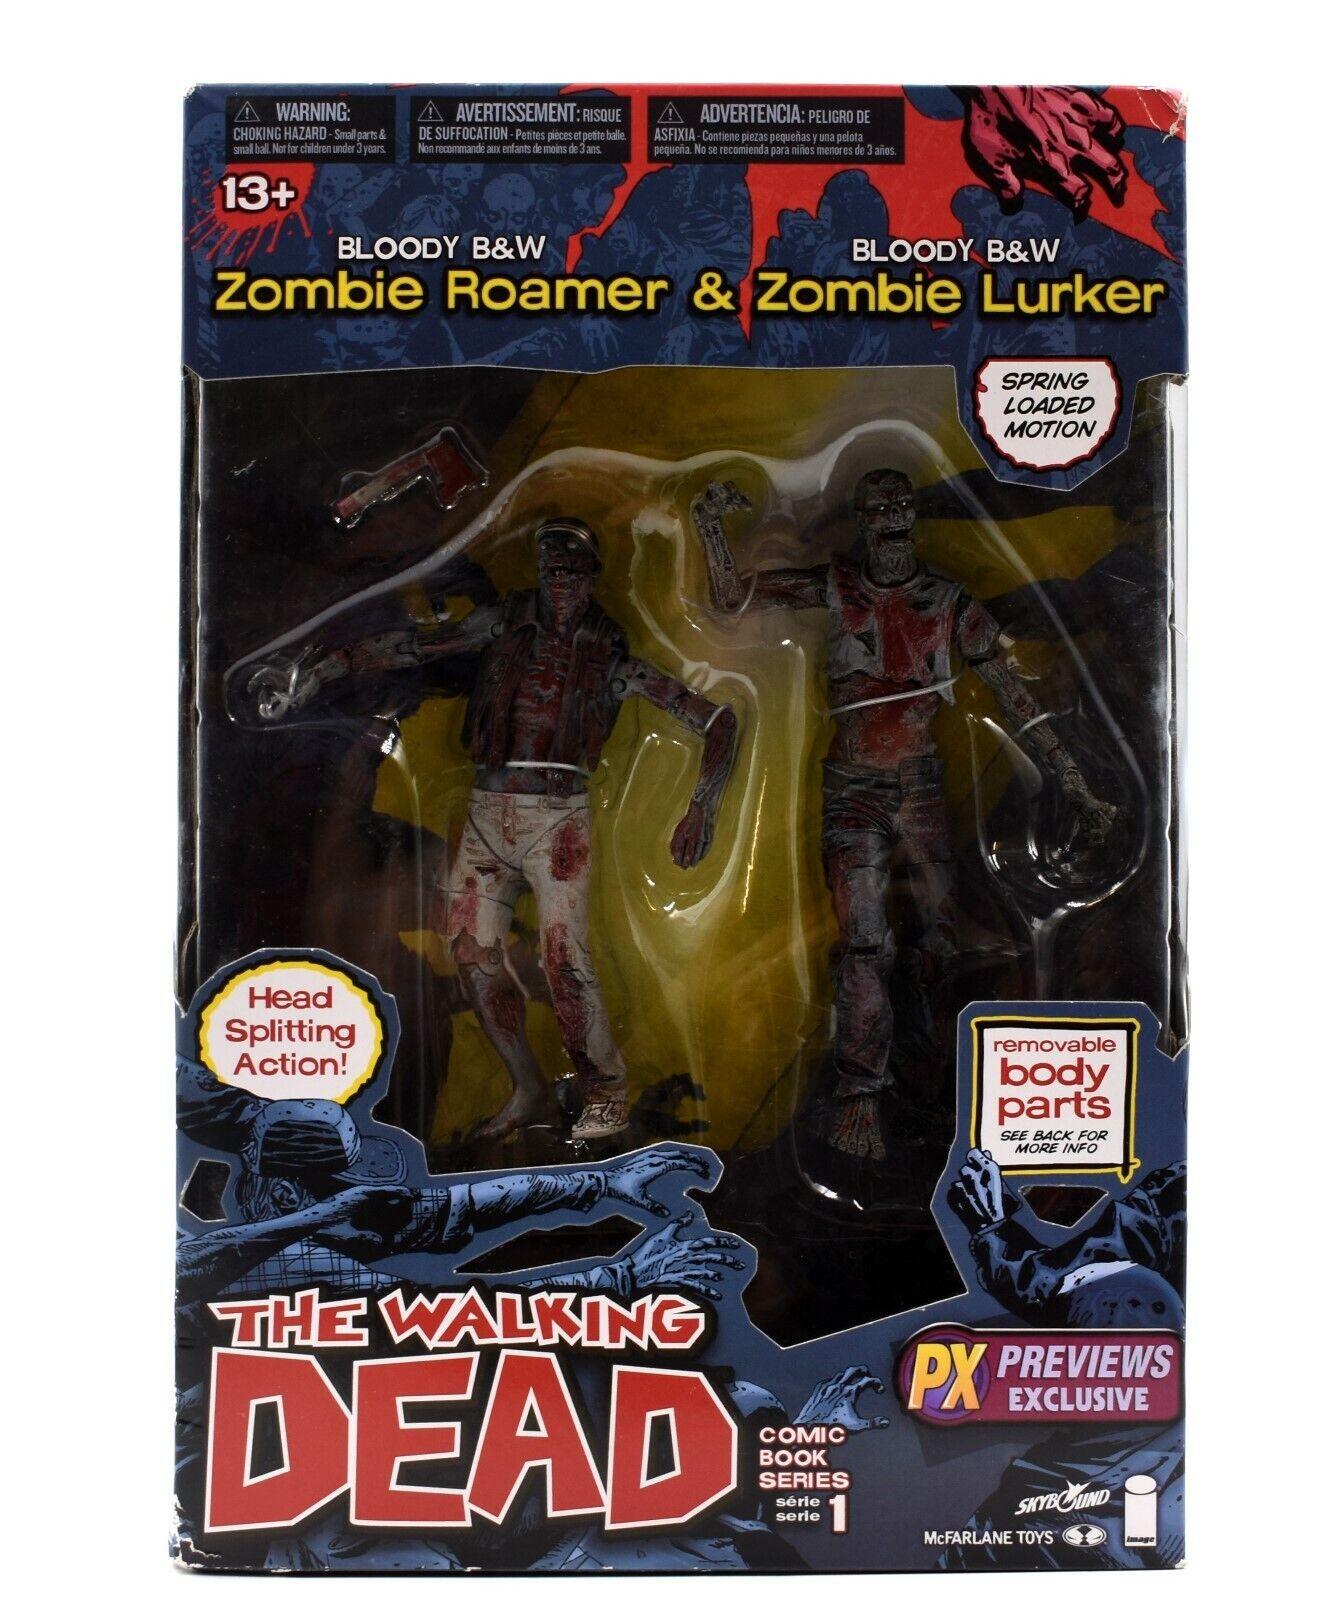 The Walking Dead Comic Book Series 1 - Bloody B&W Zombie Roamer & Lurker 2-Pack